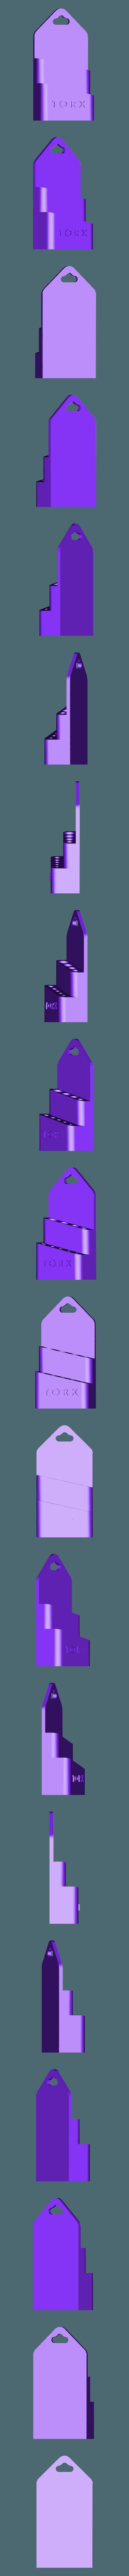 Torx.STL Download free STL file BTR / TORX support • 3D print design, alaingiresini